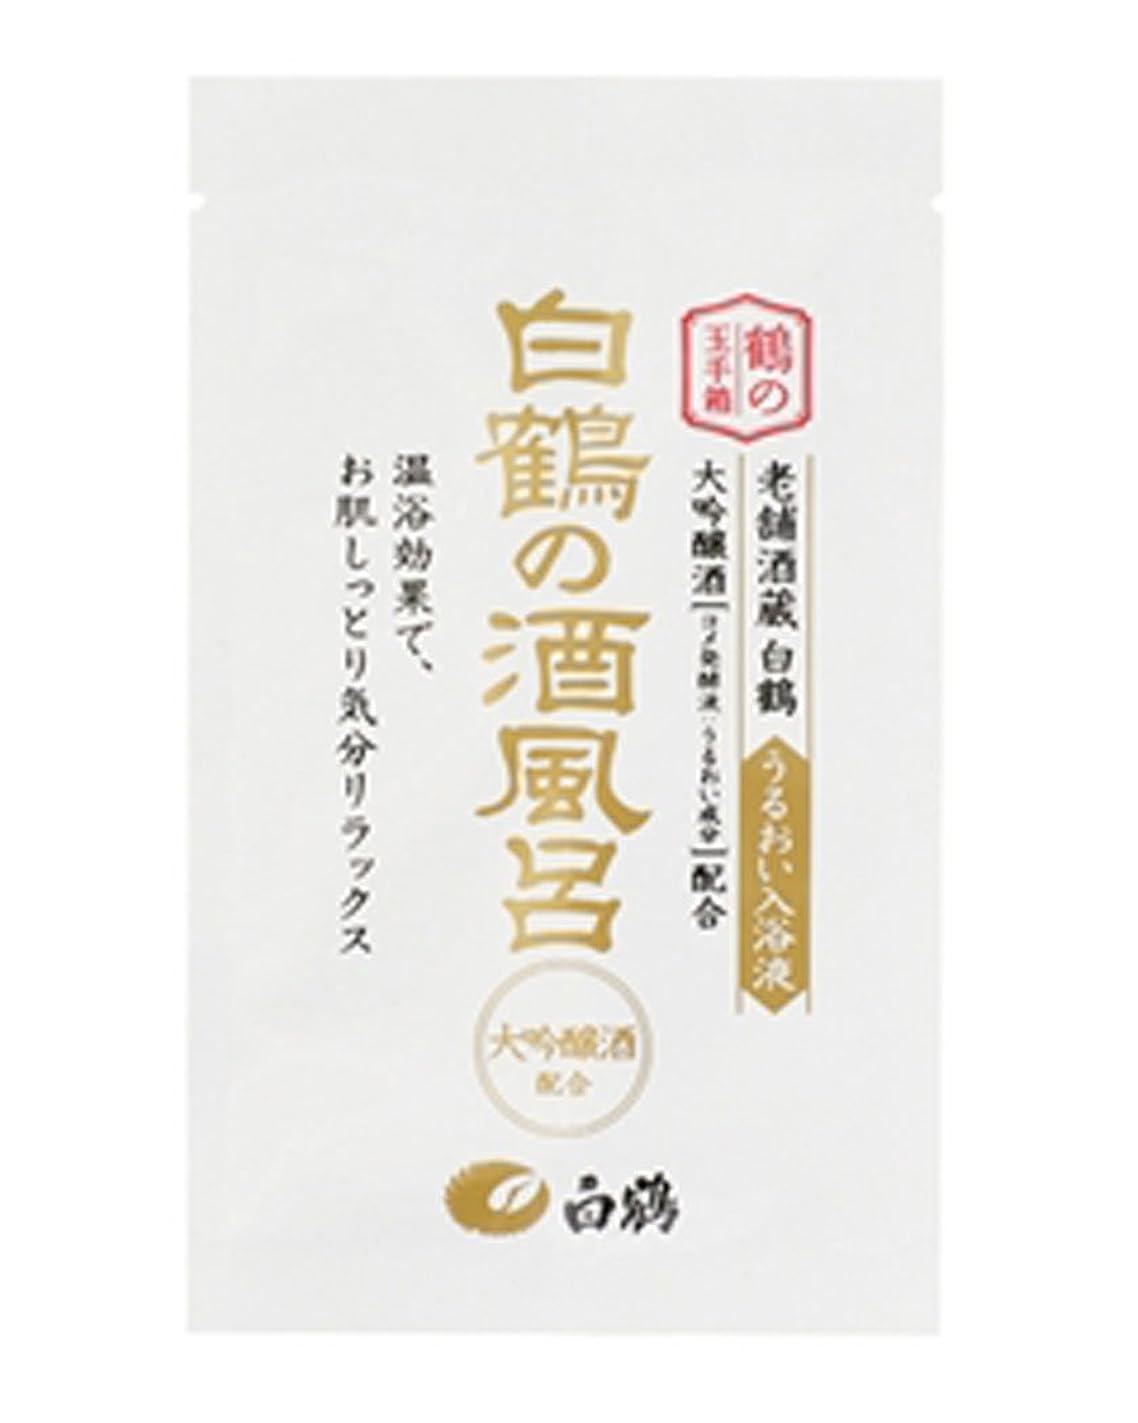 メンタリティインフラビーム白鶴の酒風呂 大吟醸酒配合 25ml(入浴剤)